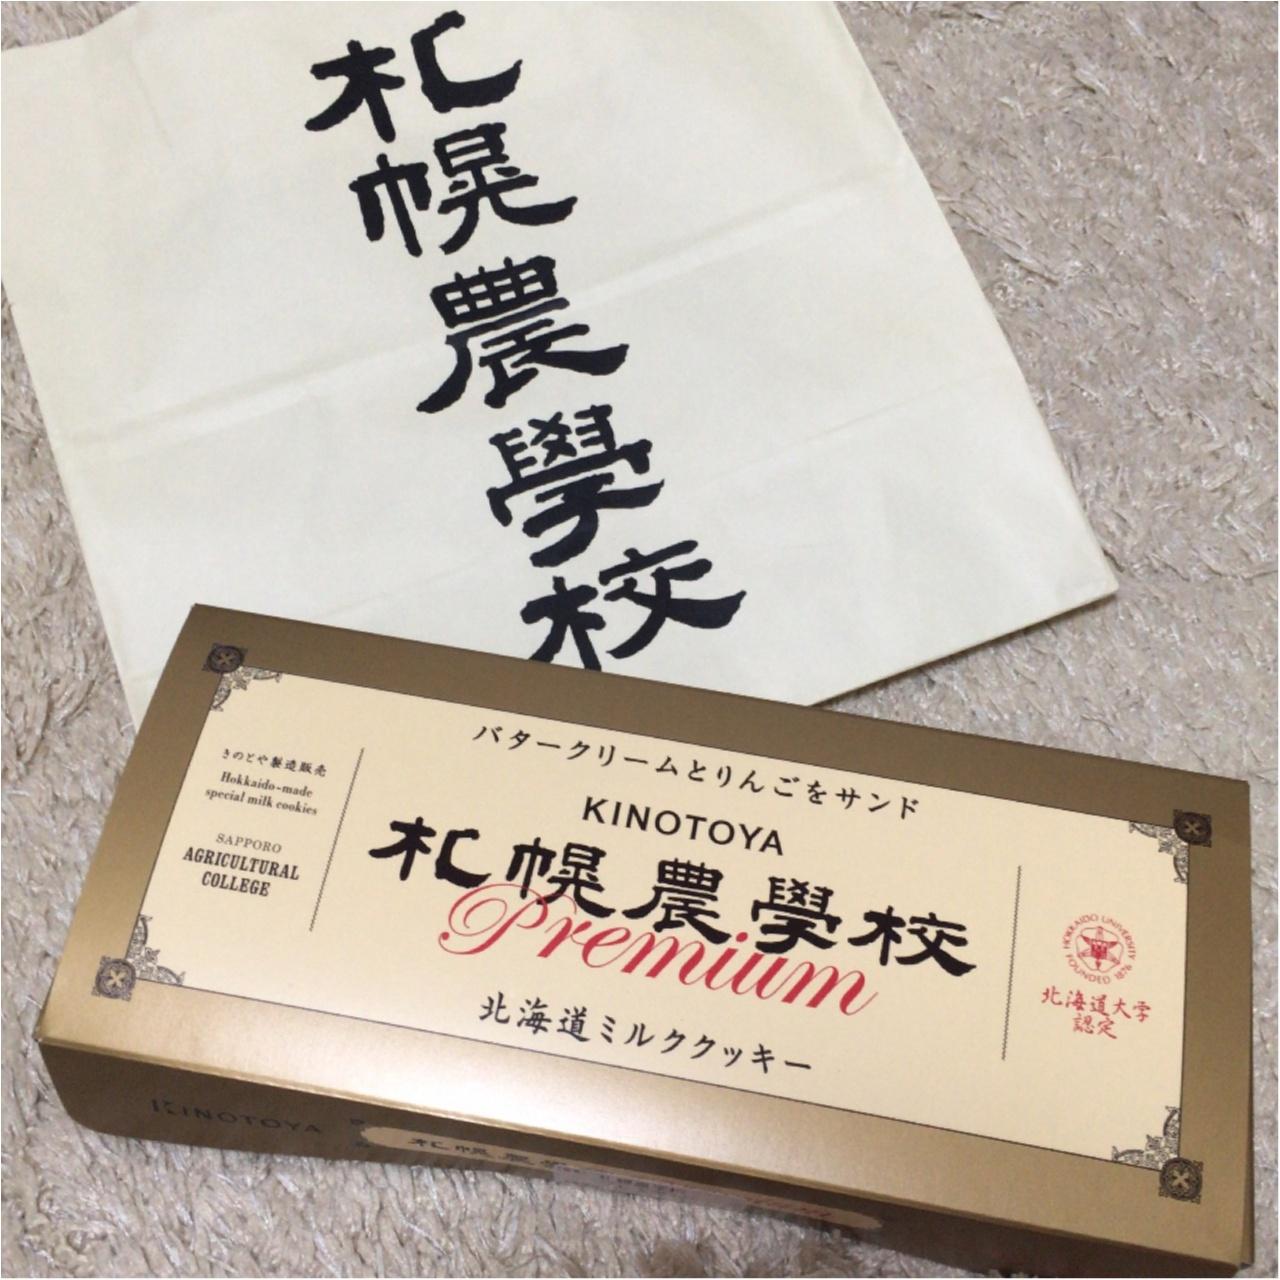 北海道のおしゃれなお土産特集《2019年》- ロイズや六花亭など人気のお土産や、新千歳空港のお土産ランキング_16